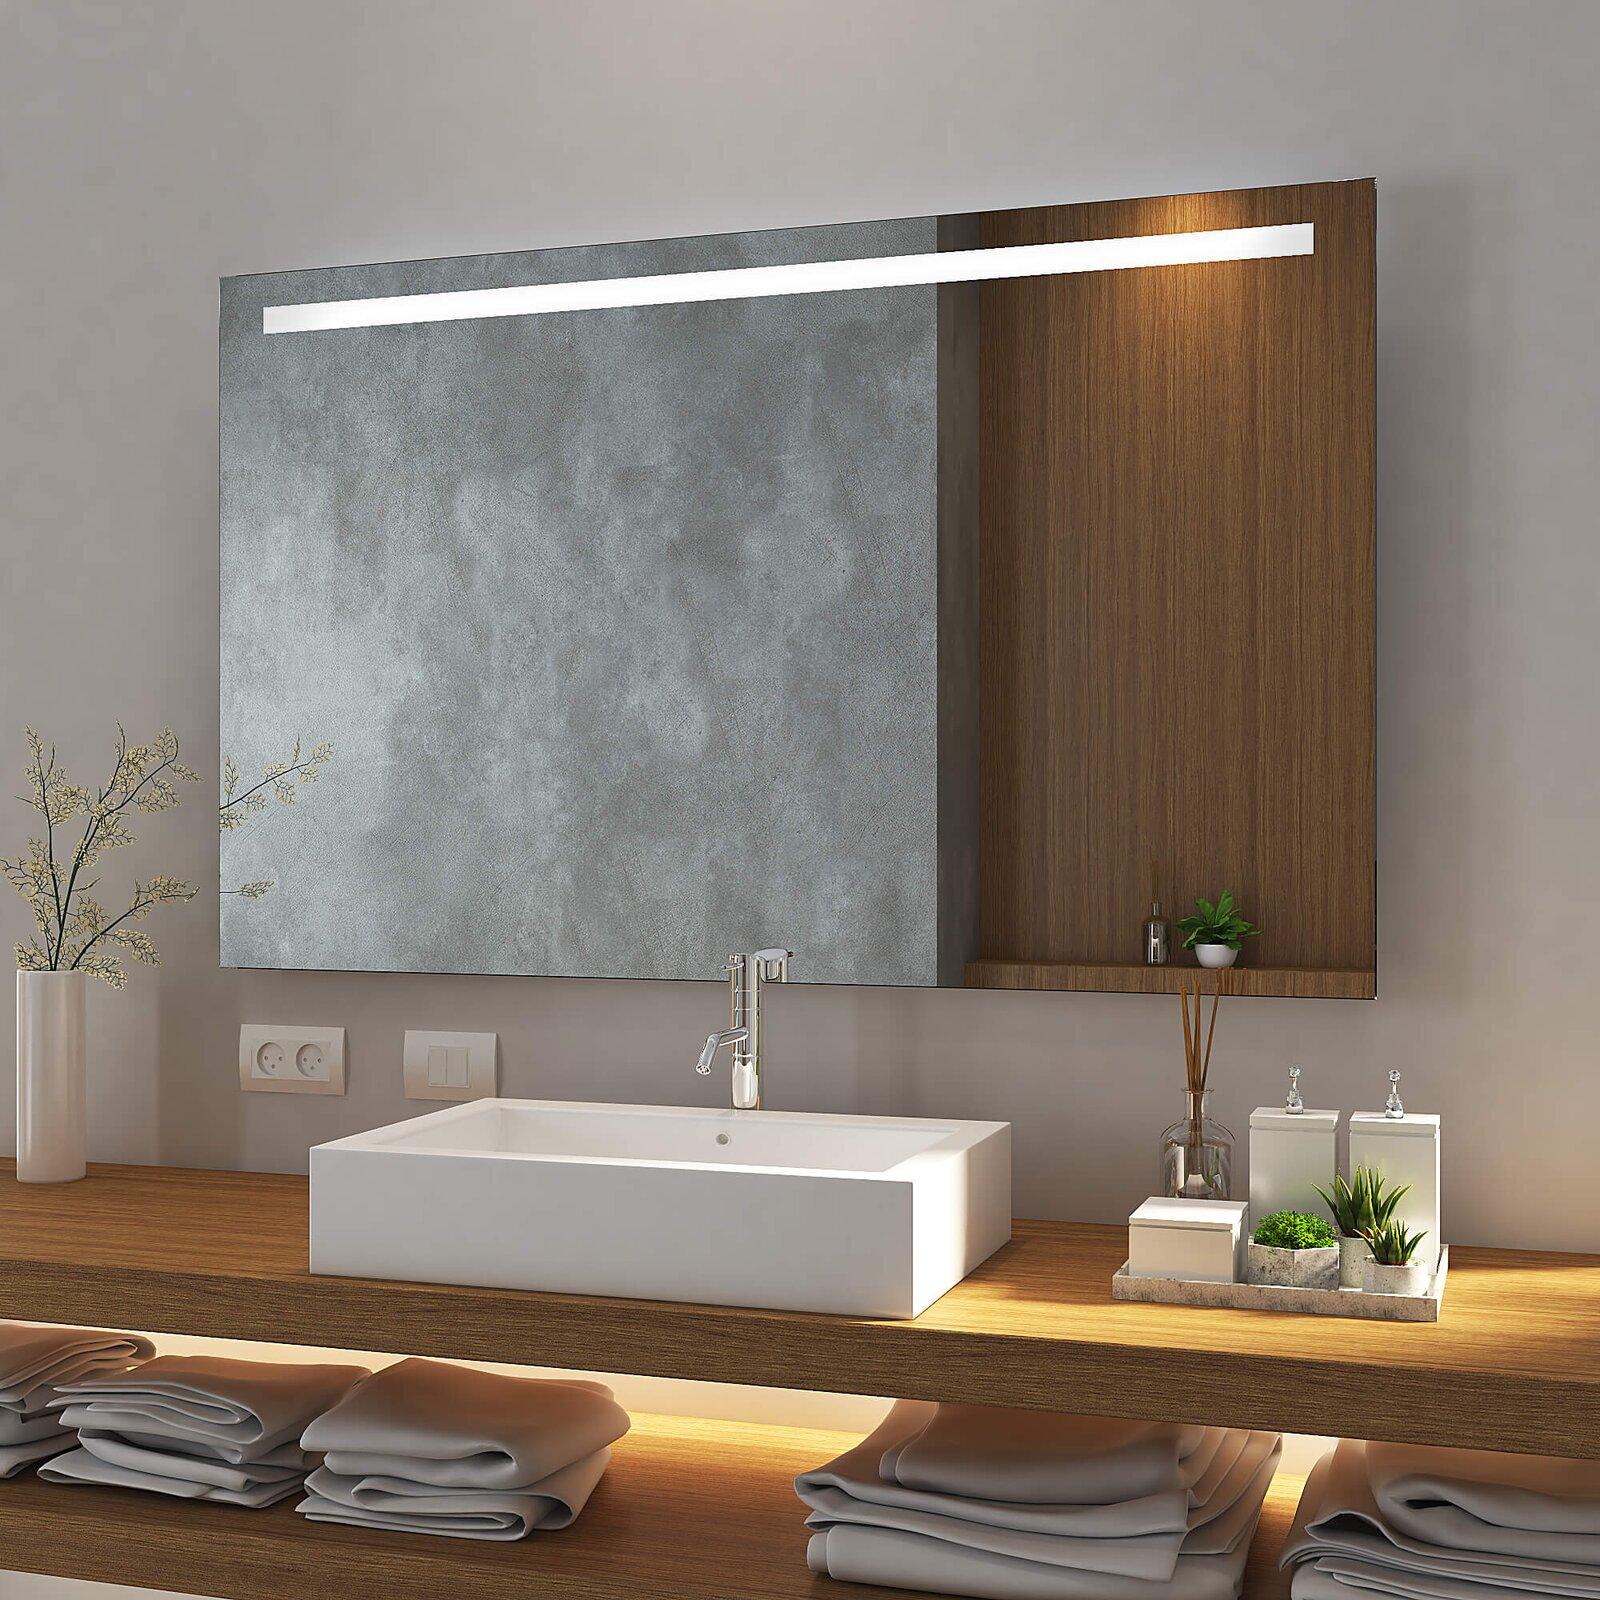 Badezimmerspiegel Mit Beleuchtung.Badspiegel Munchen Top Beleuchtet Sofort Lieferbar